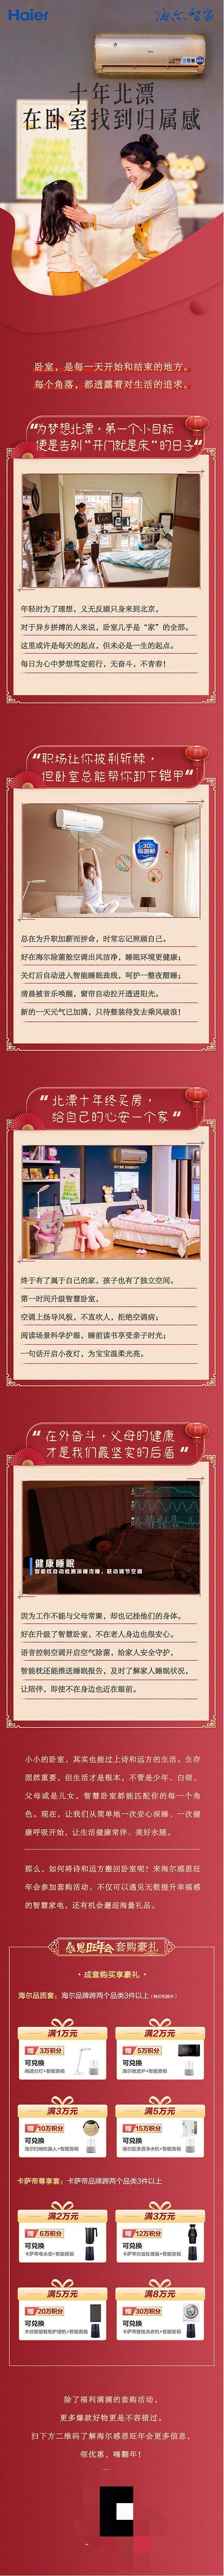 《【金牛3公司】十年北漂追梦路,一间卧室满心安》